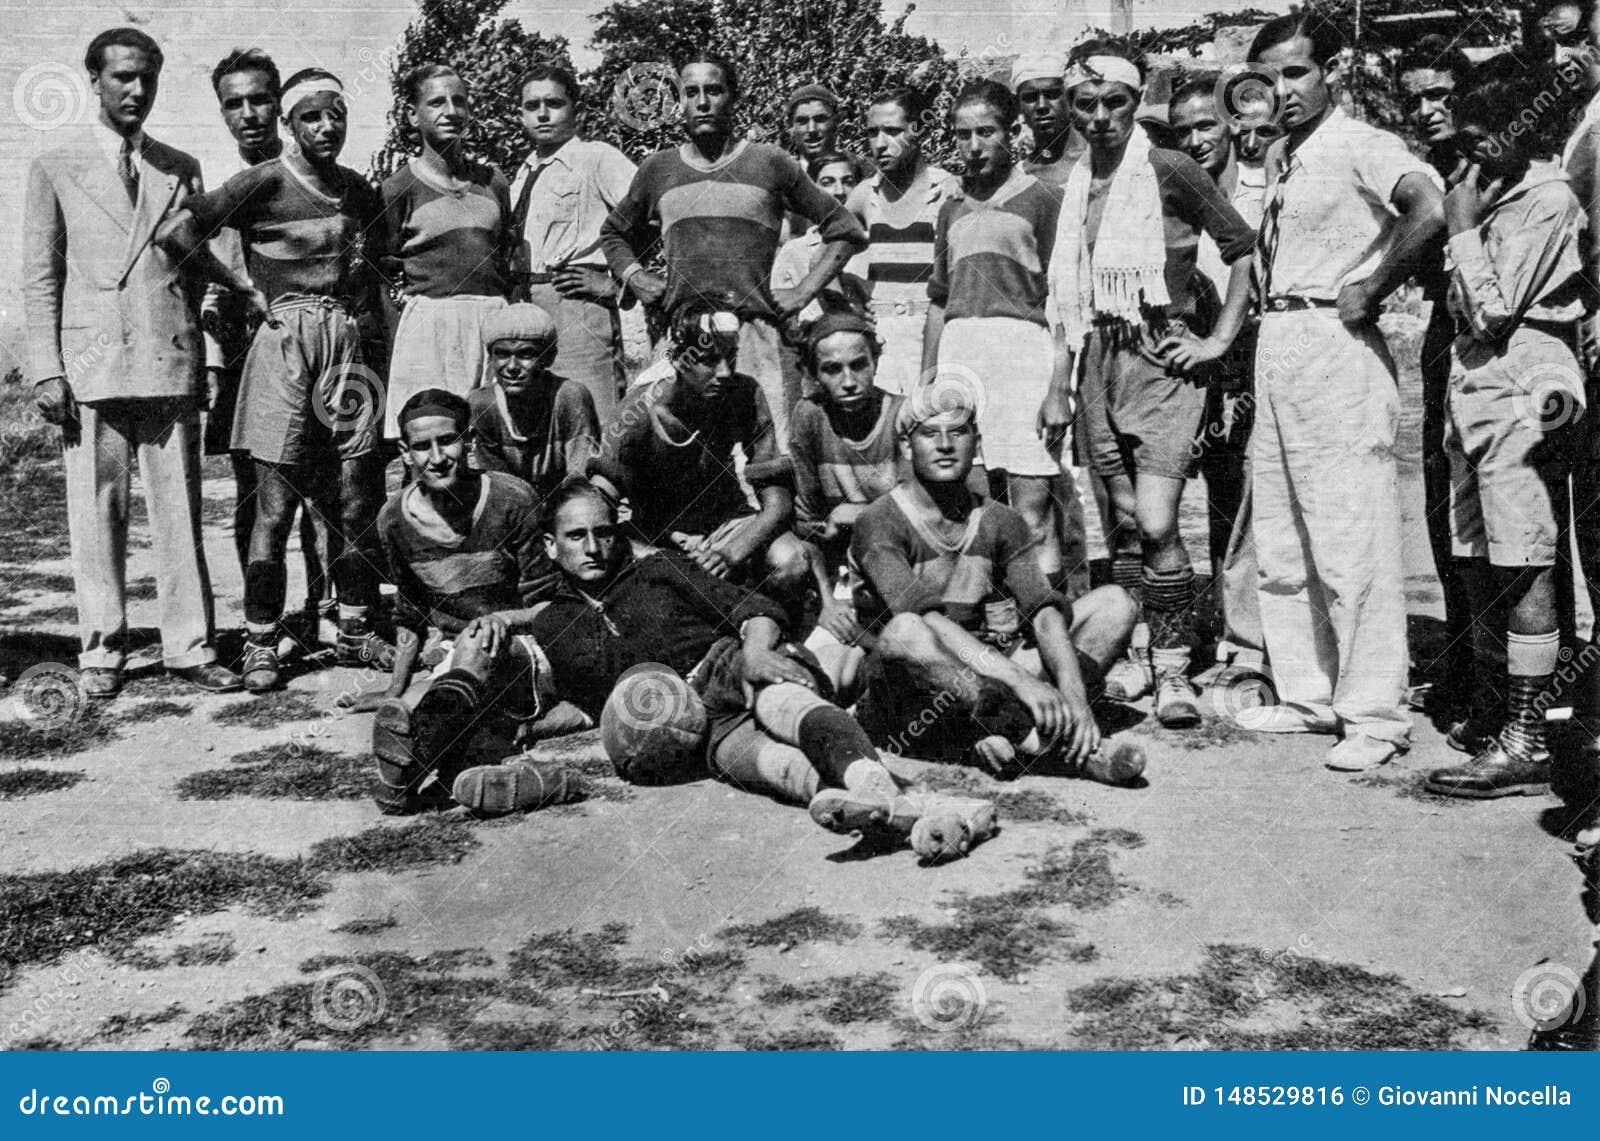 Capri Italien, 1934 - Fuorigrottese spelare poserar efter ett räddningsaktionmöte av fotboll i Capri